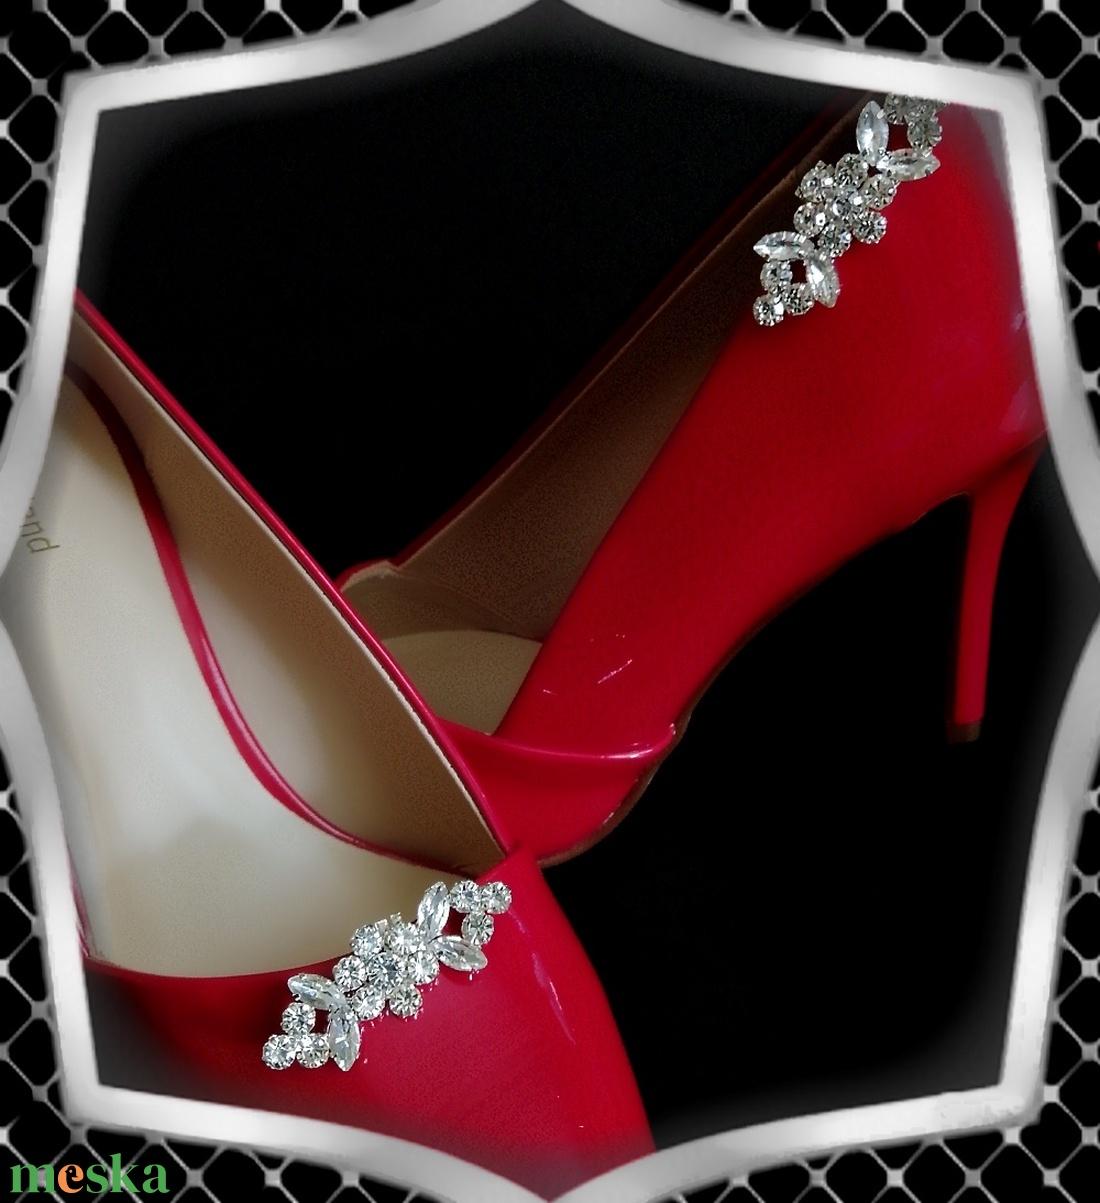 Esküvői, menyasszonyi, alkalmi cipődísz, cipőklipsz ES-CK24 - esküvő - cipő és cipőklipsz - Meska.hu